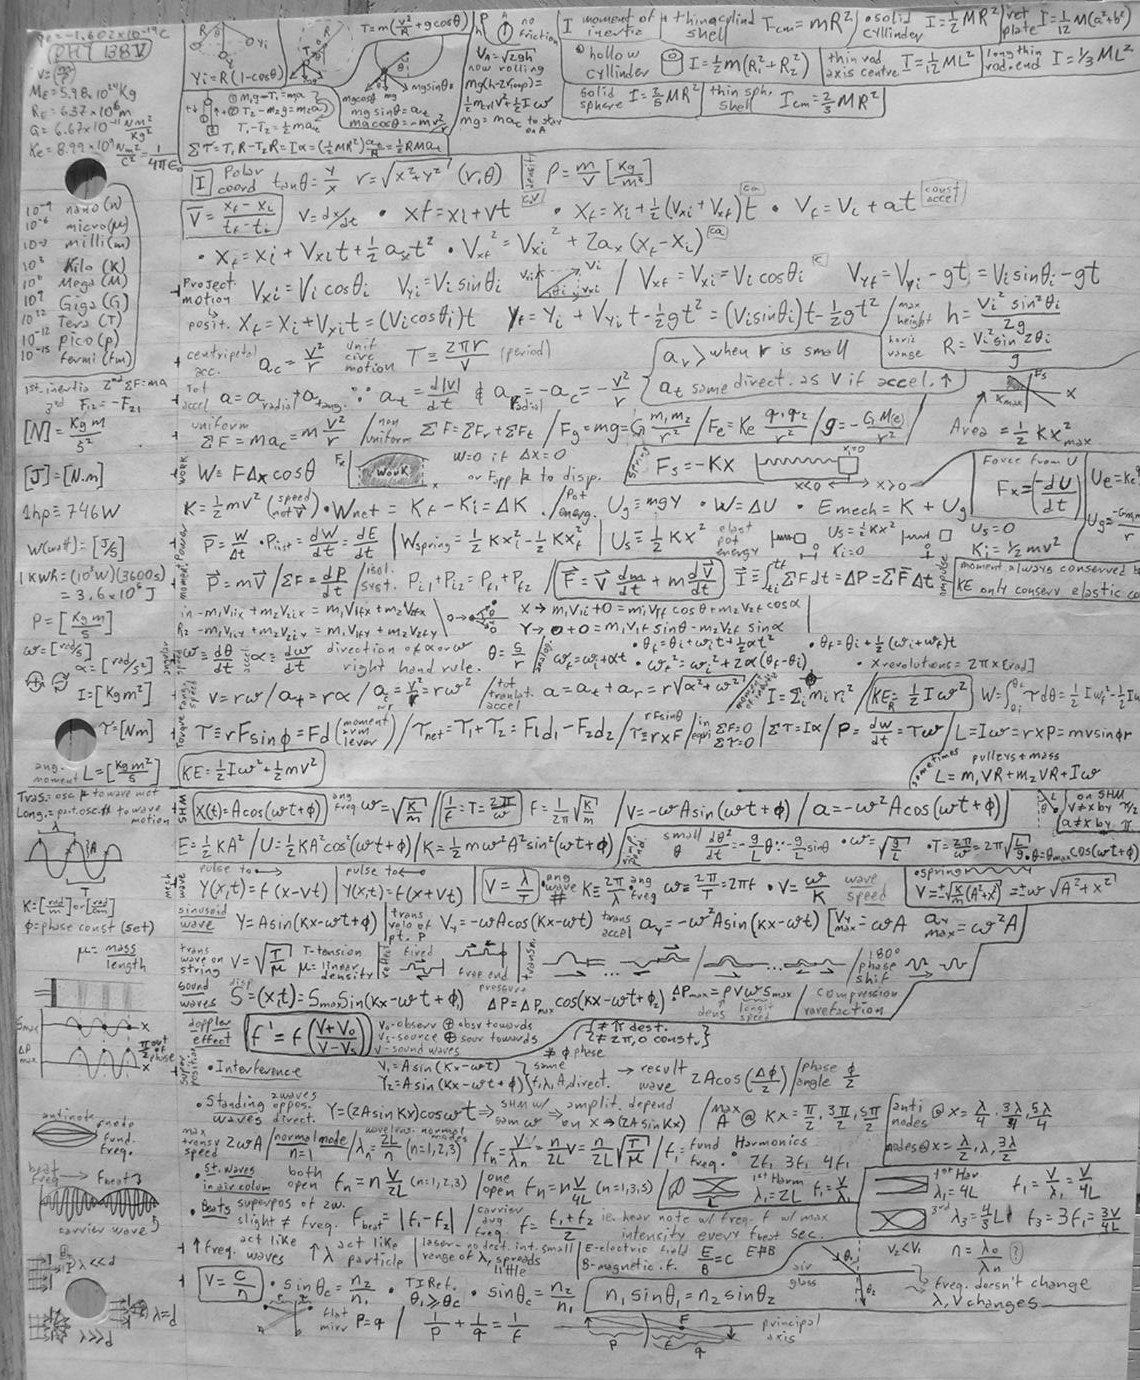 download PrincíPios De Análise e Projeto De Sistemas Com UML. Um Guia Prático Para Modelagem De Sistemas Orientados A Objetos Através Da Linguagem De Modelagem Unificada 2006